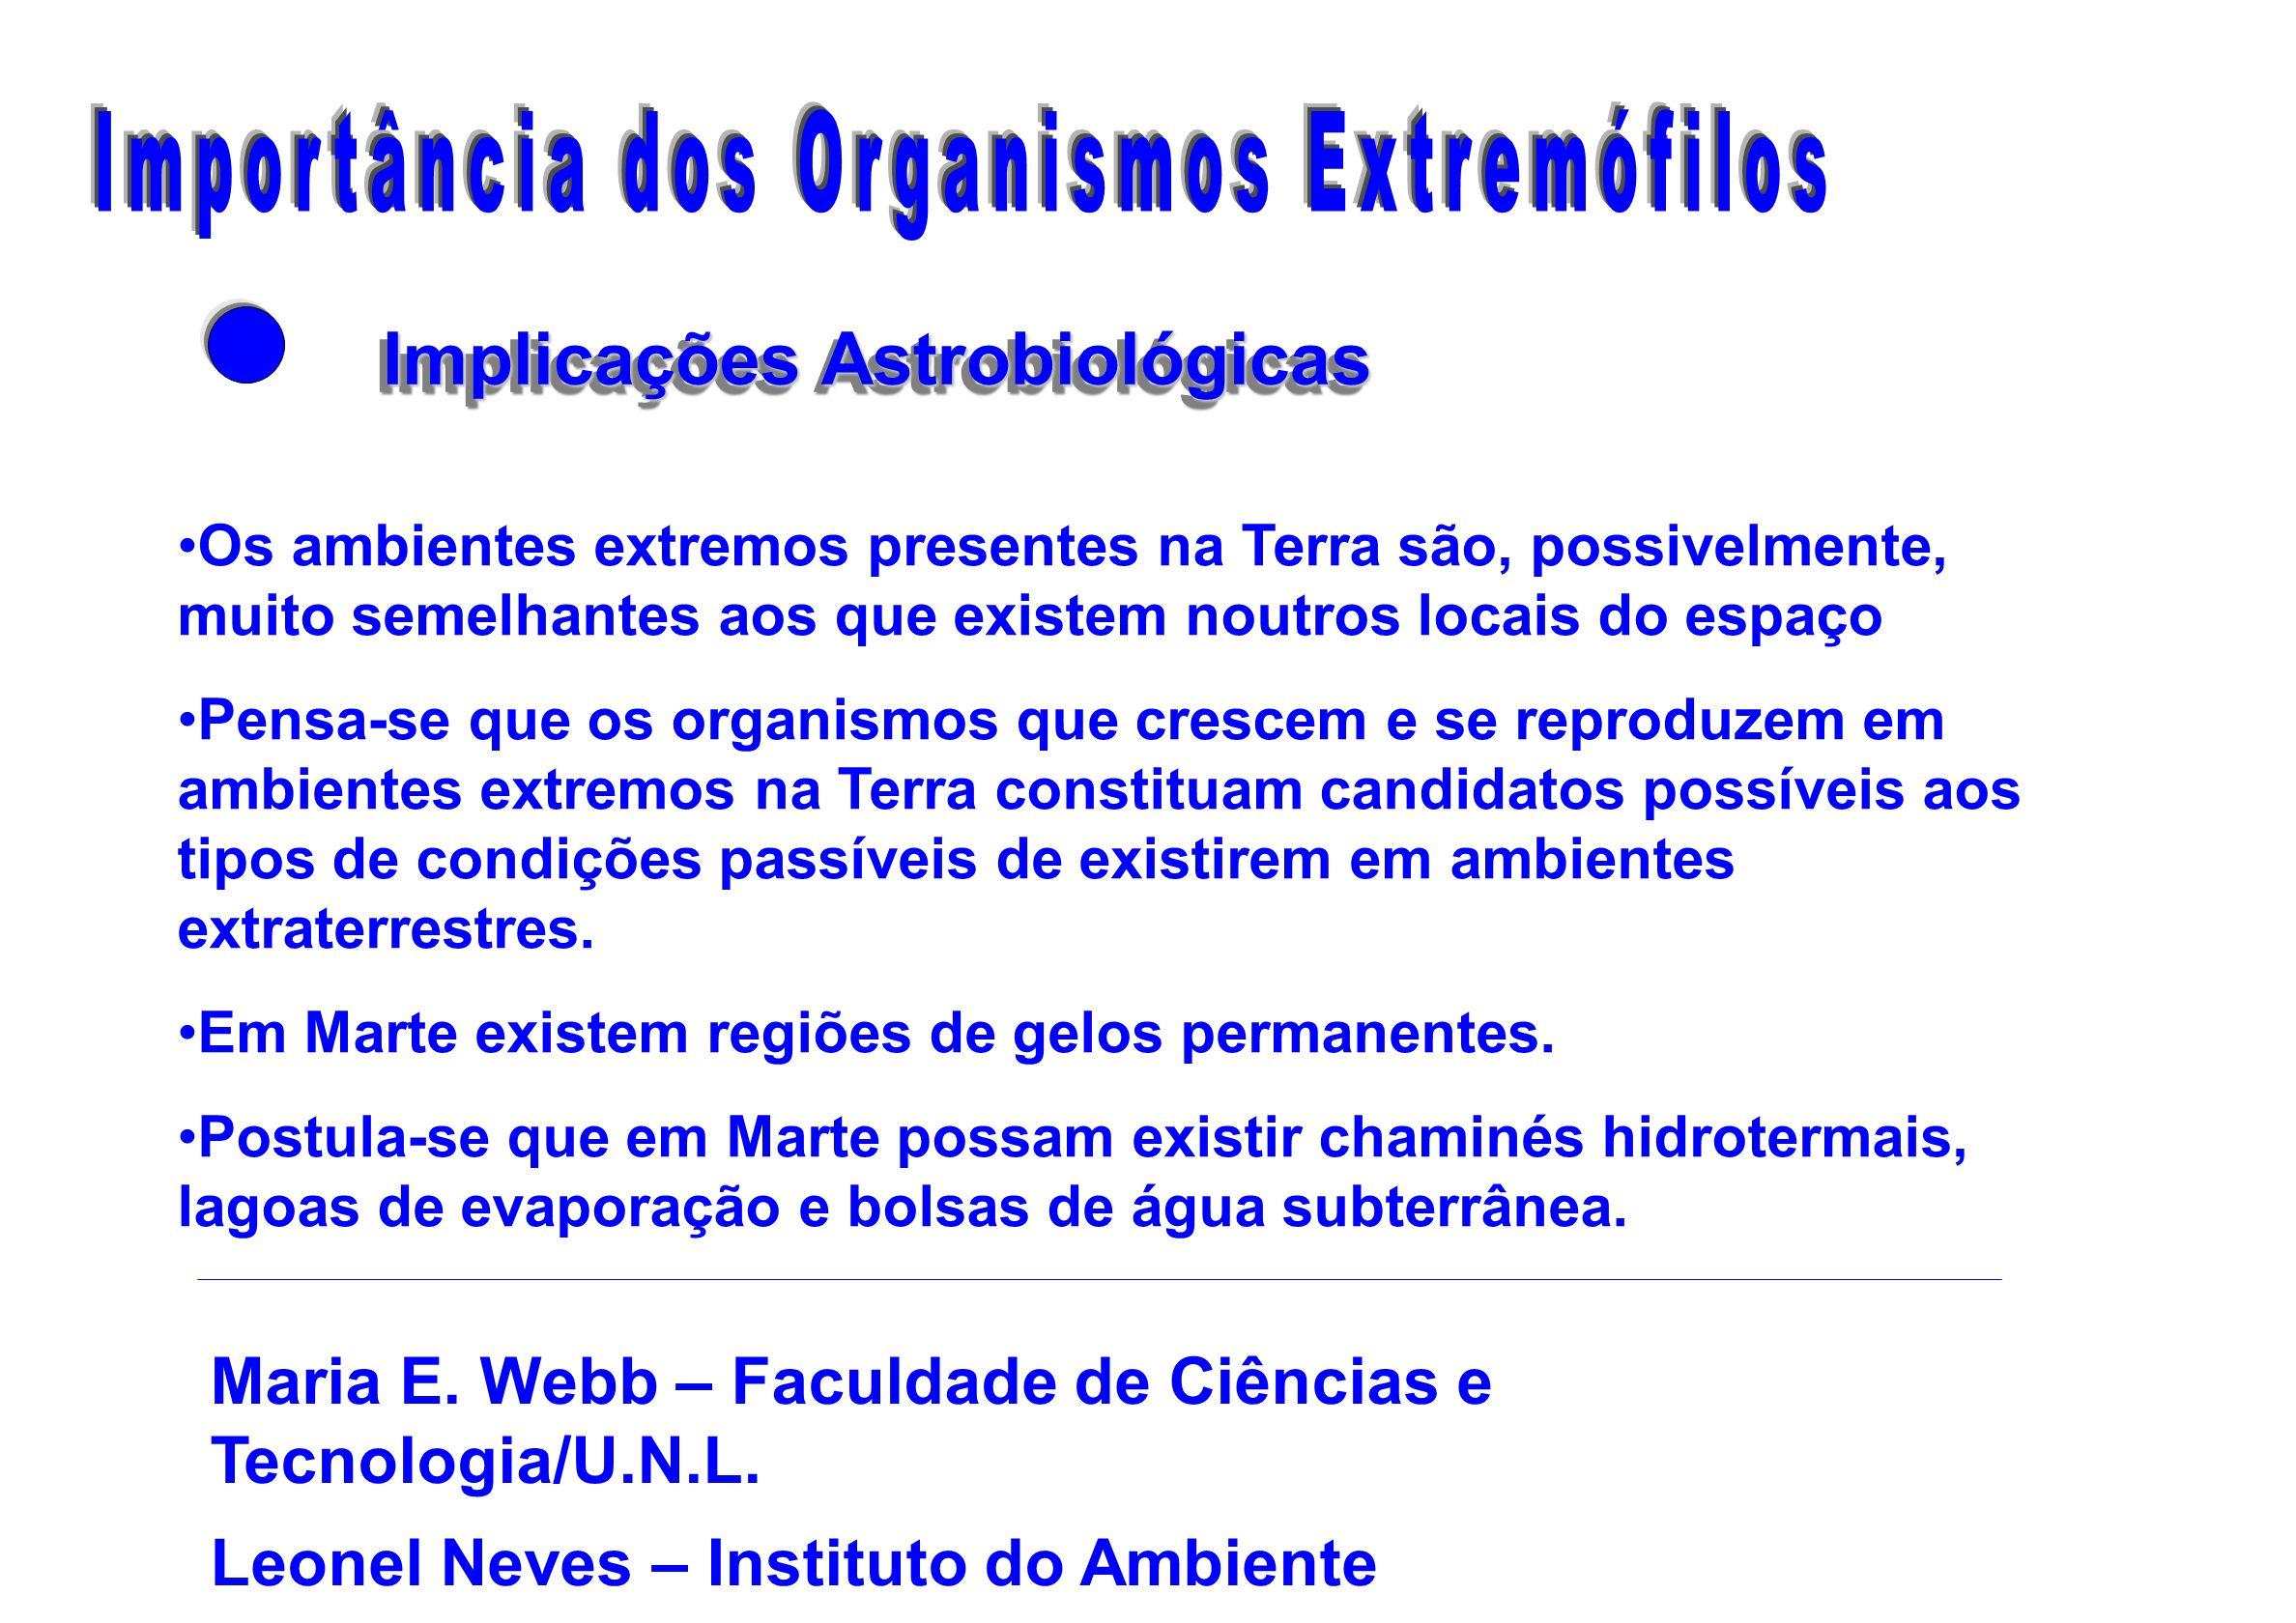 Implicações Astrobiológicas Implicações Astrobiológicas Os ambientes extremos presentes na Terra são, possivelmente, muito semelhantes aos que existem